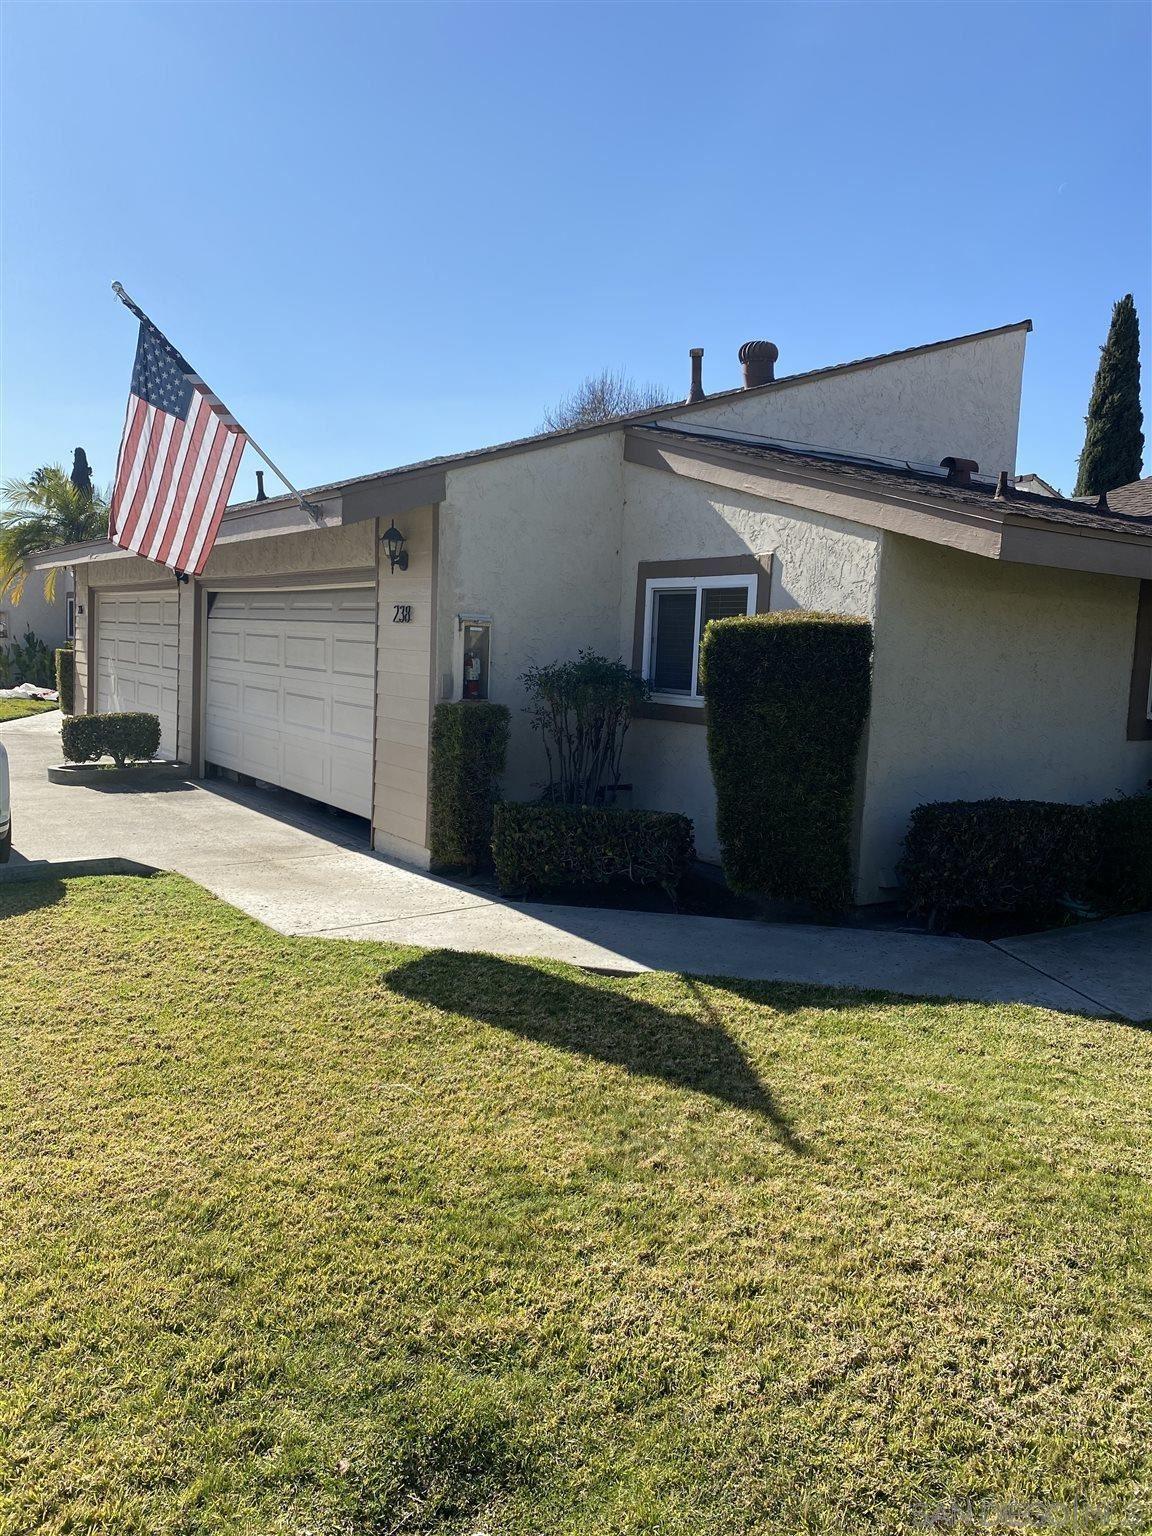 Photo of 238 Lindell Ave, El Cajon, CA 92020 (MLS # 210000684)